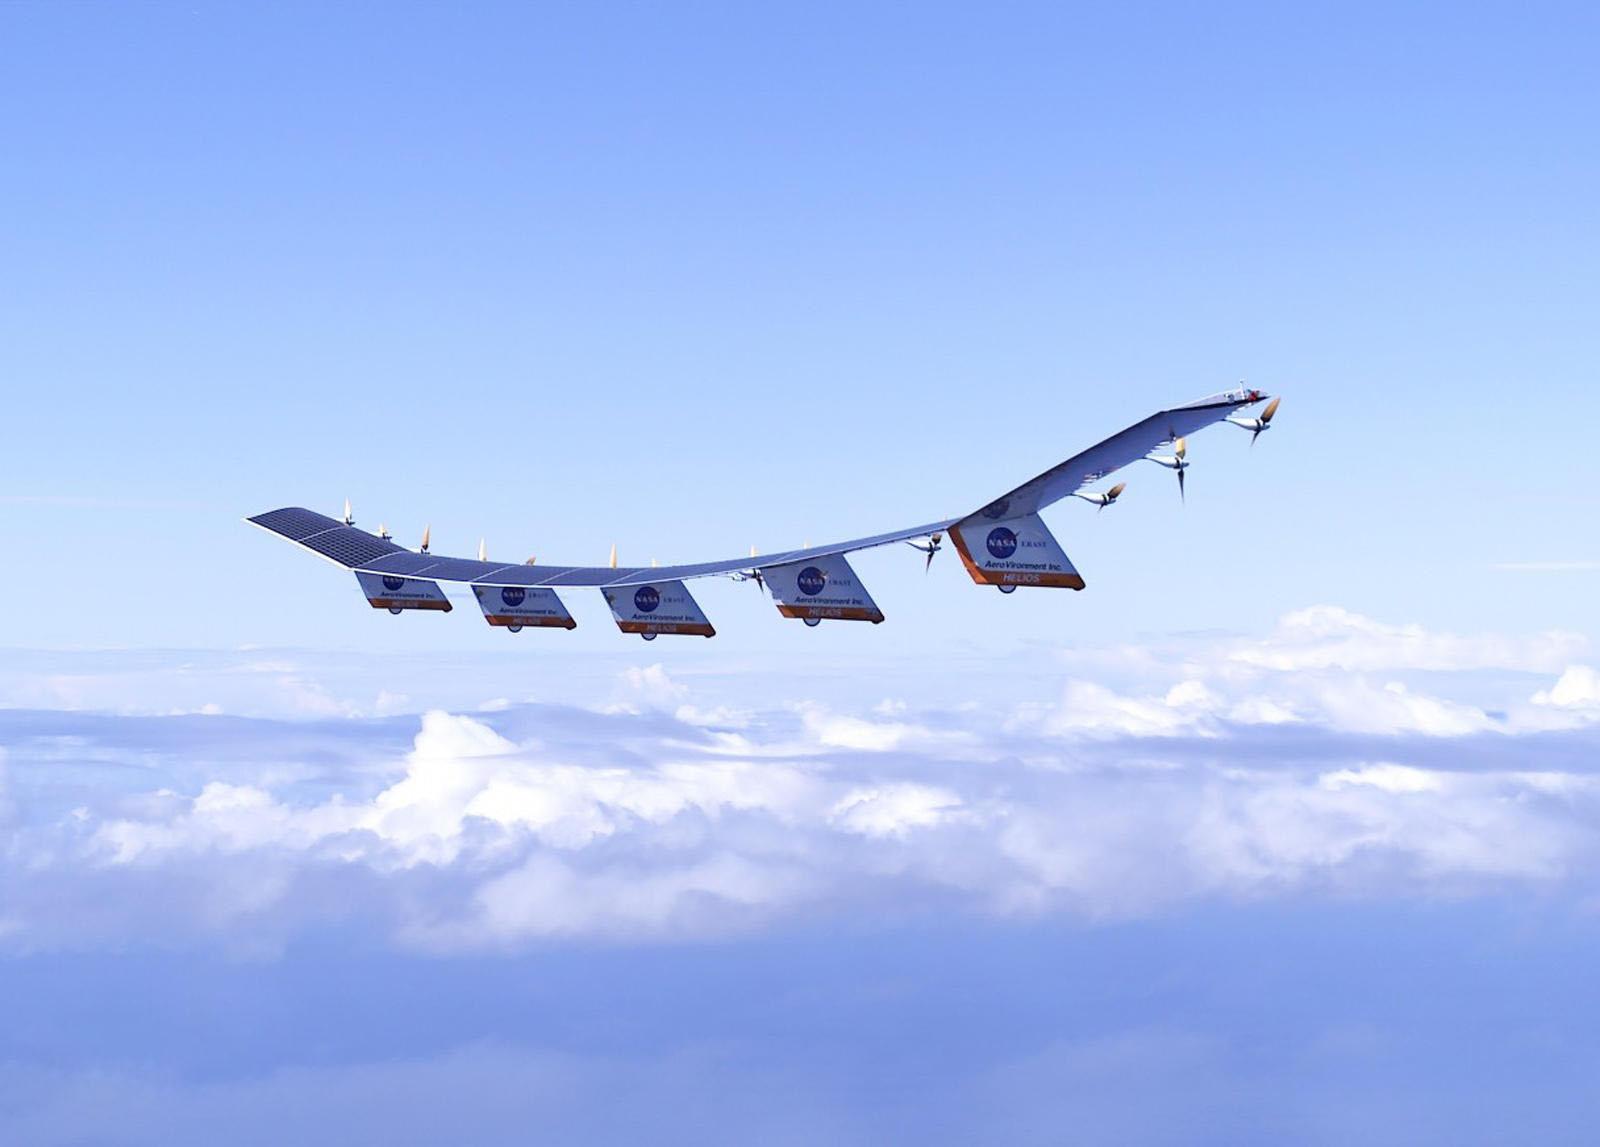 太阳能无人机的发展现状和前景分析插图16